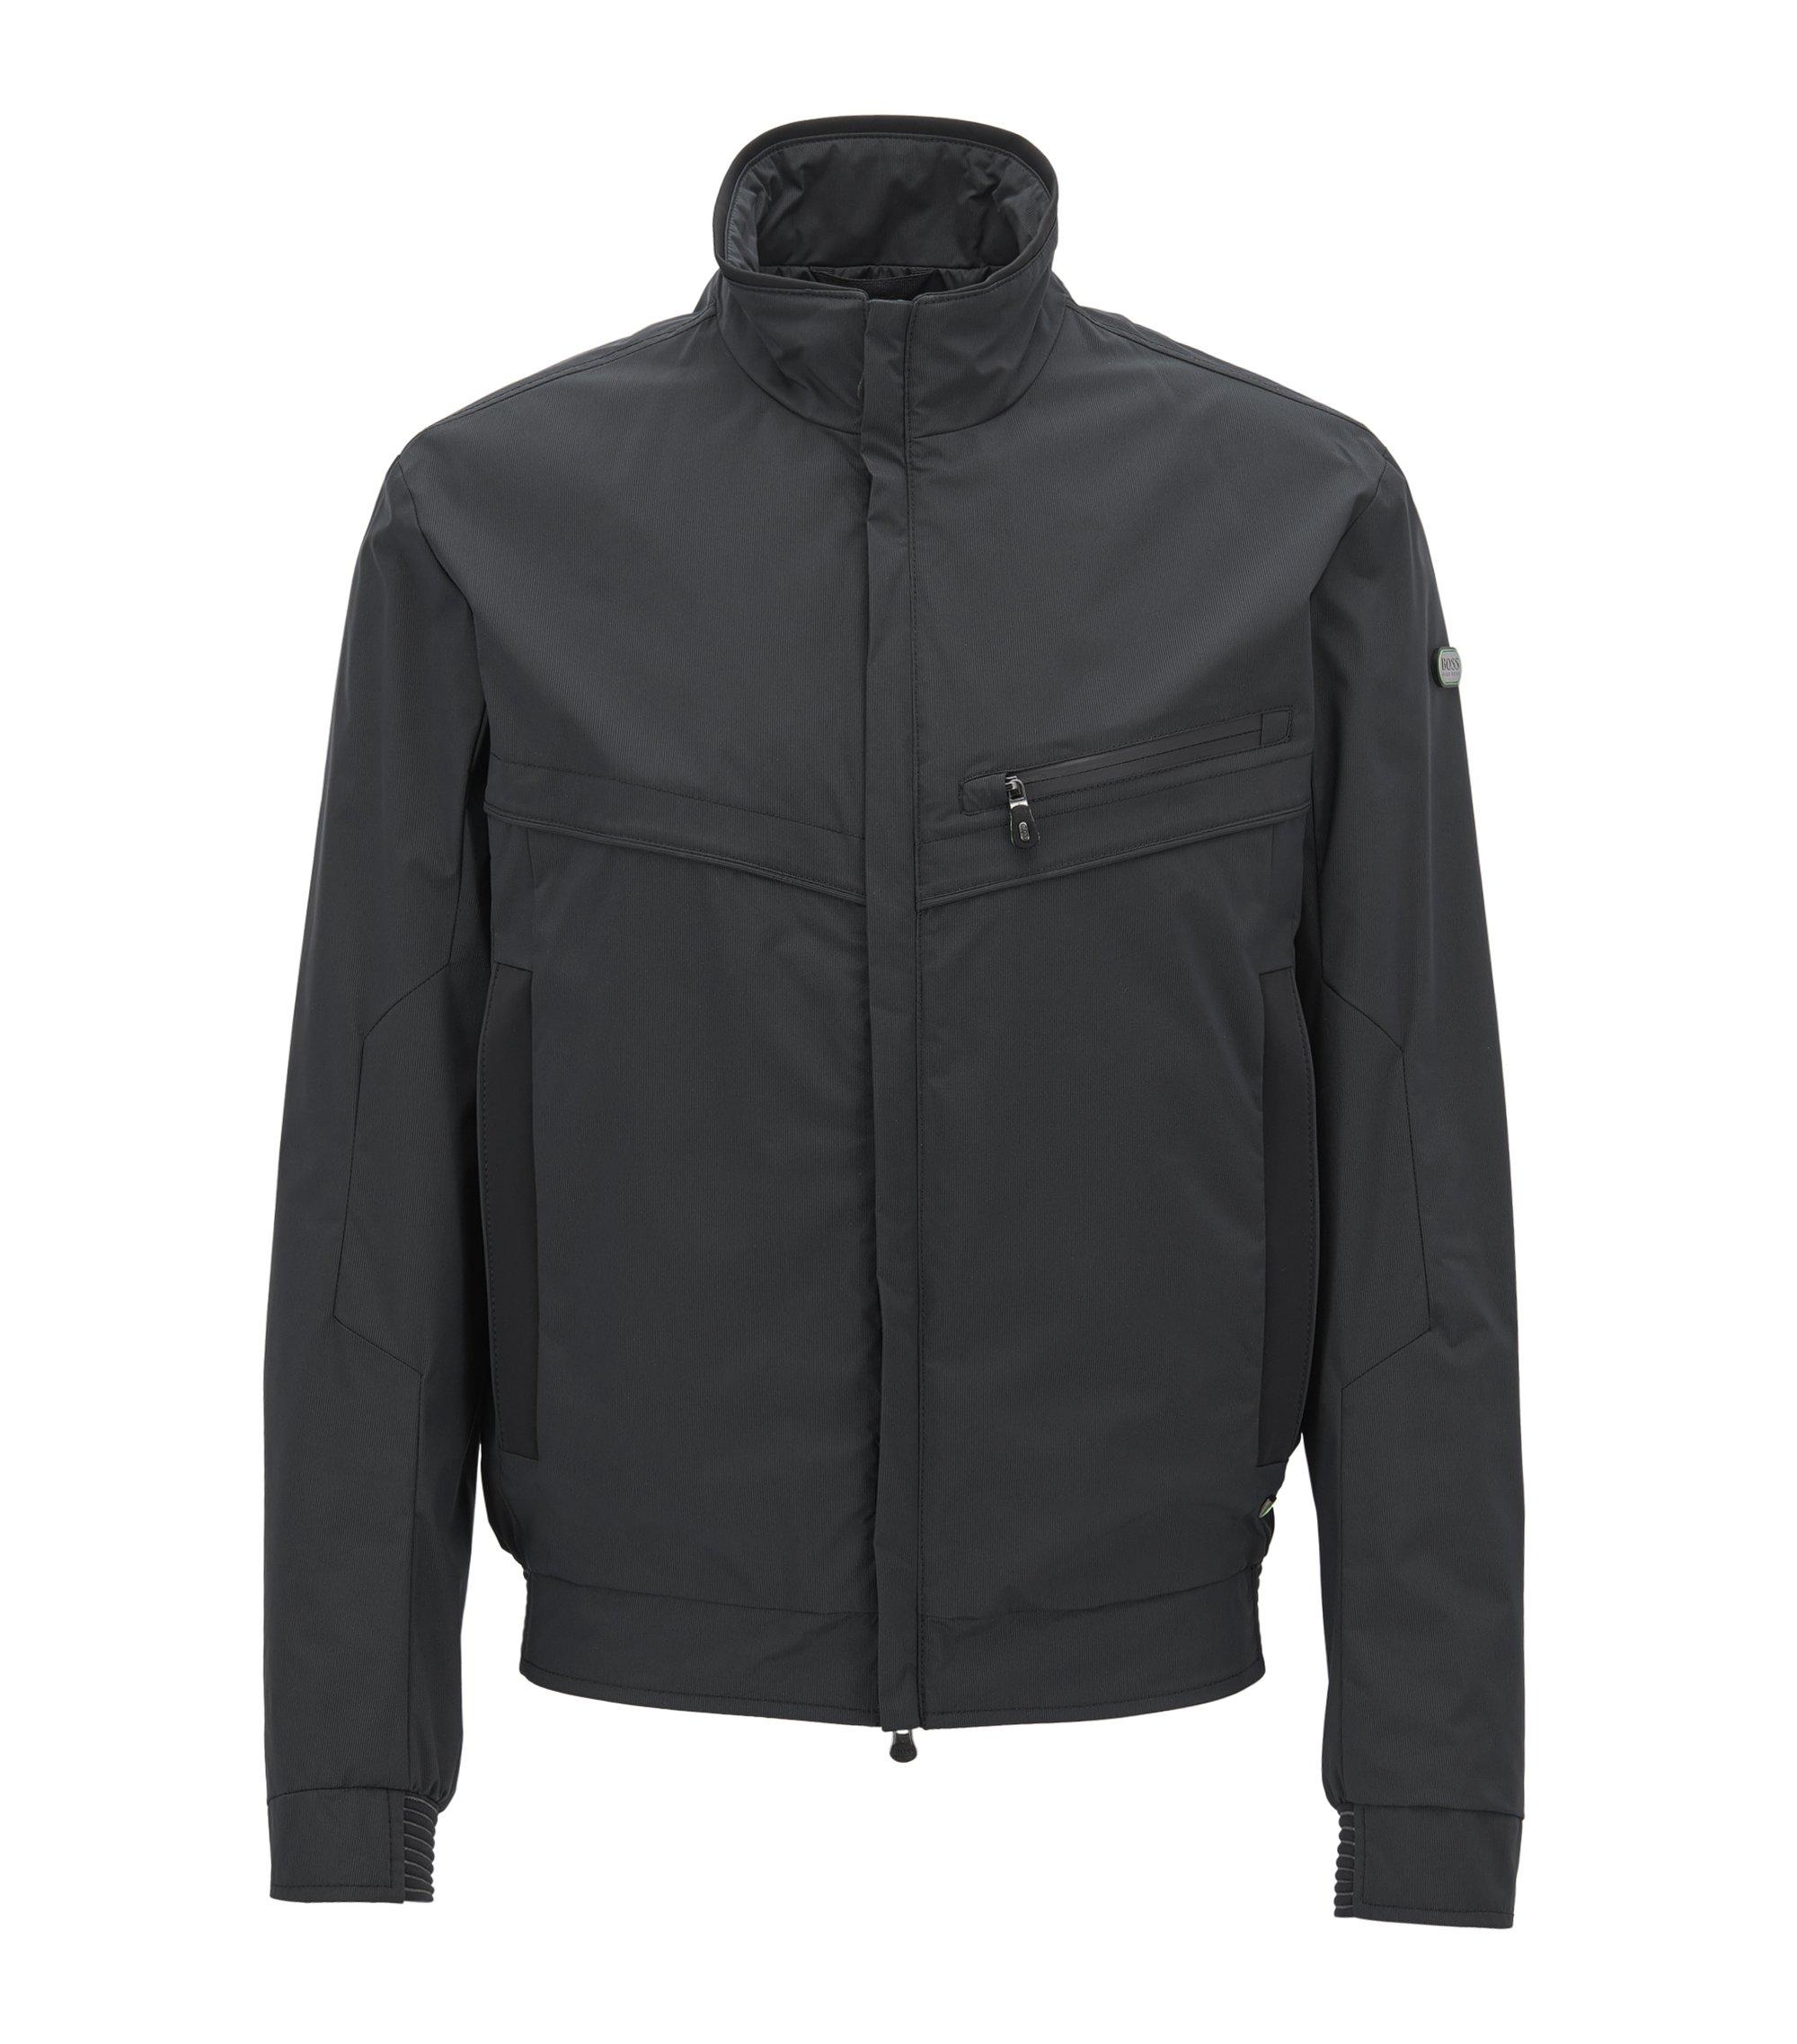 Wasserabweisende Jacke mit Reißverschluss, Schwarz